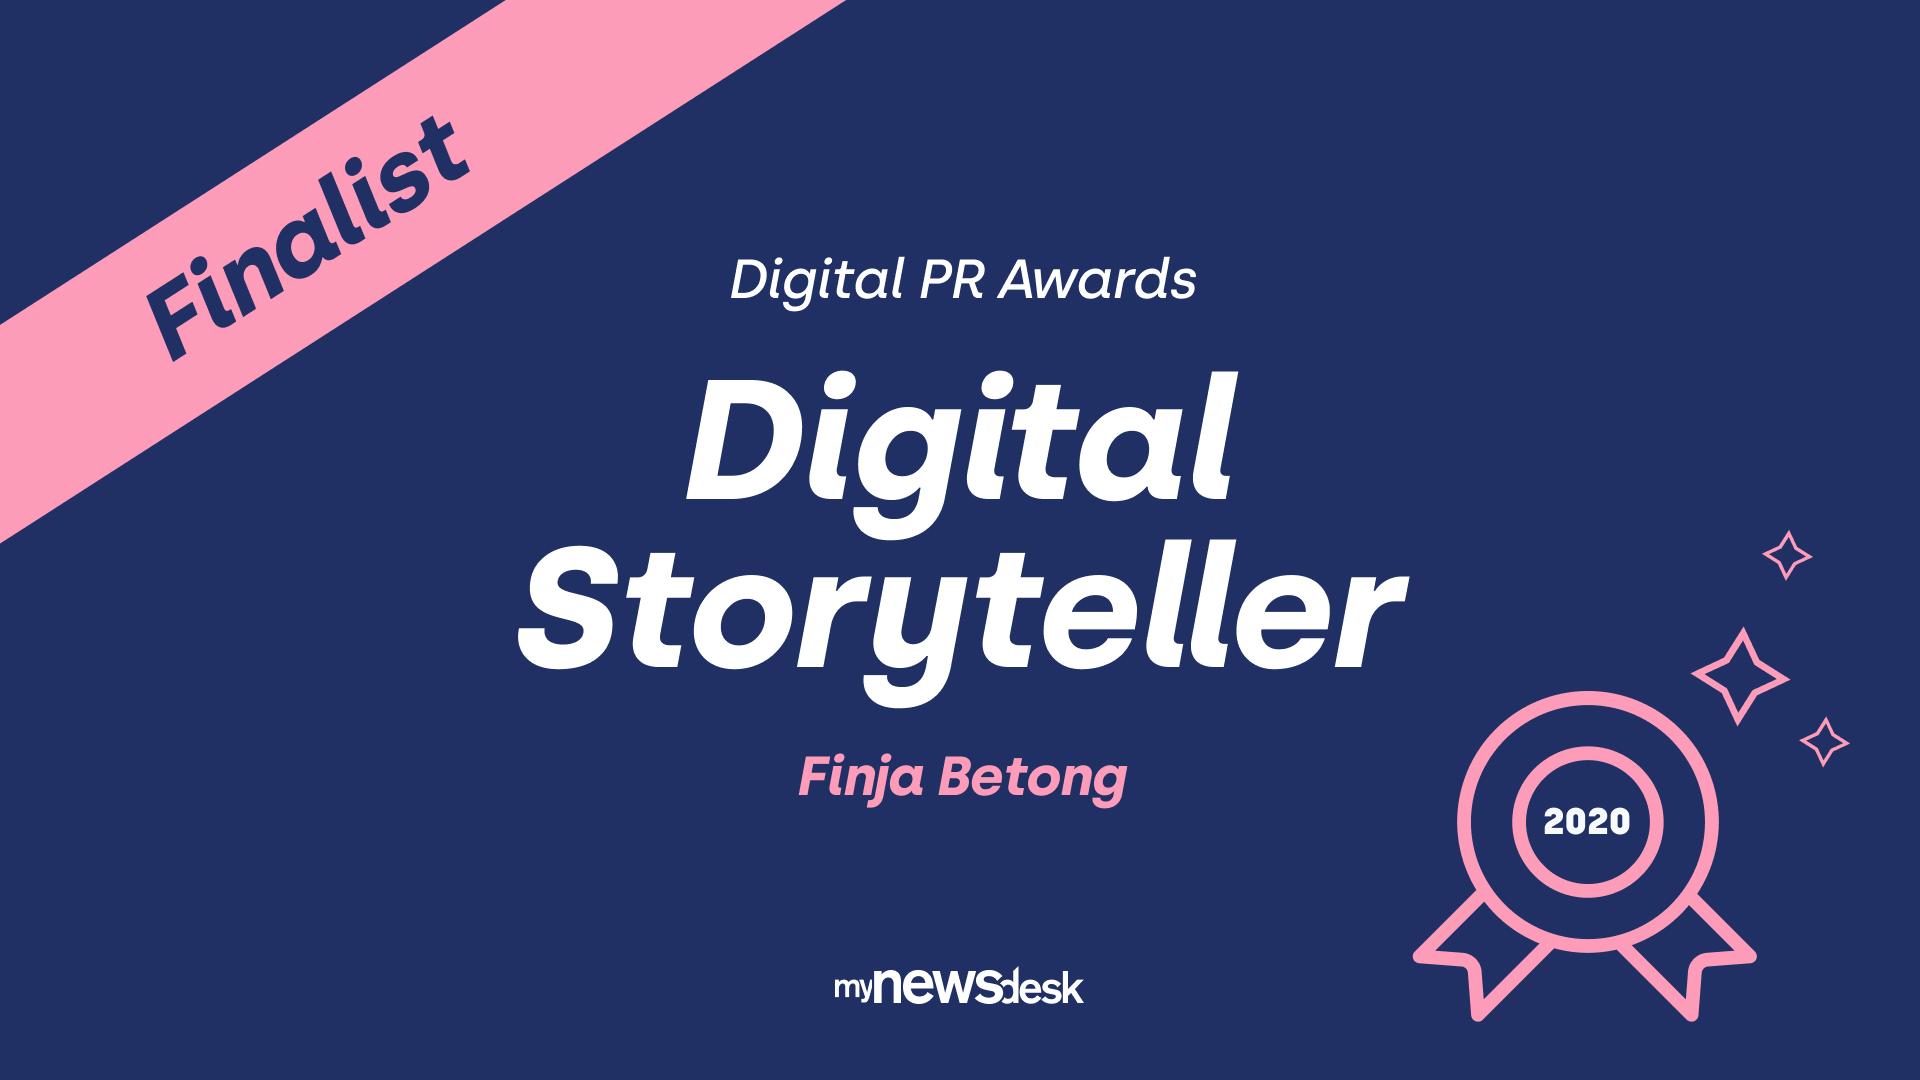 Finja Betong nominerat